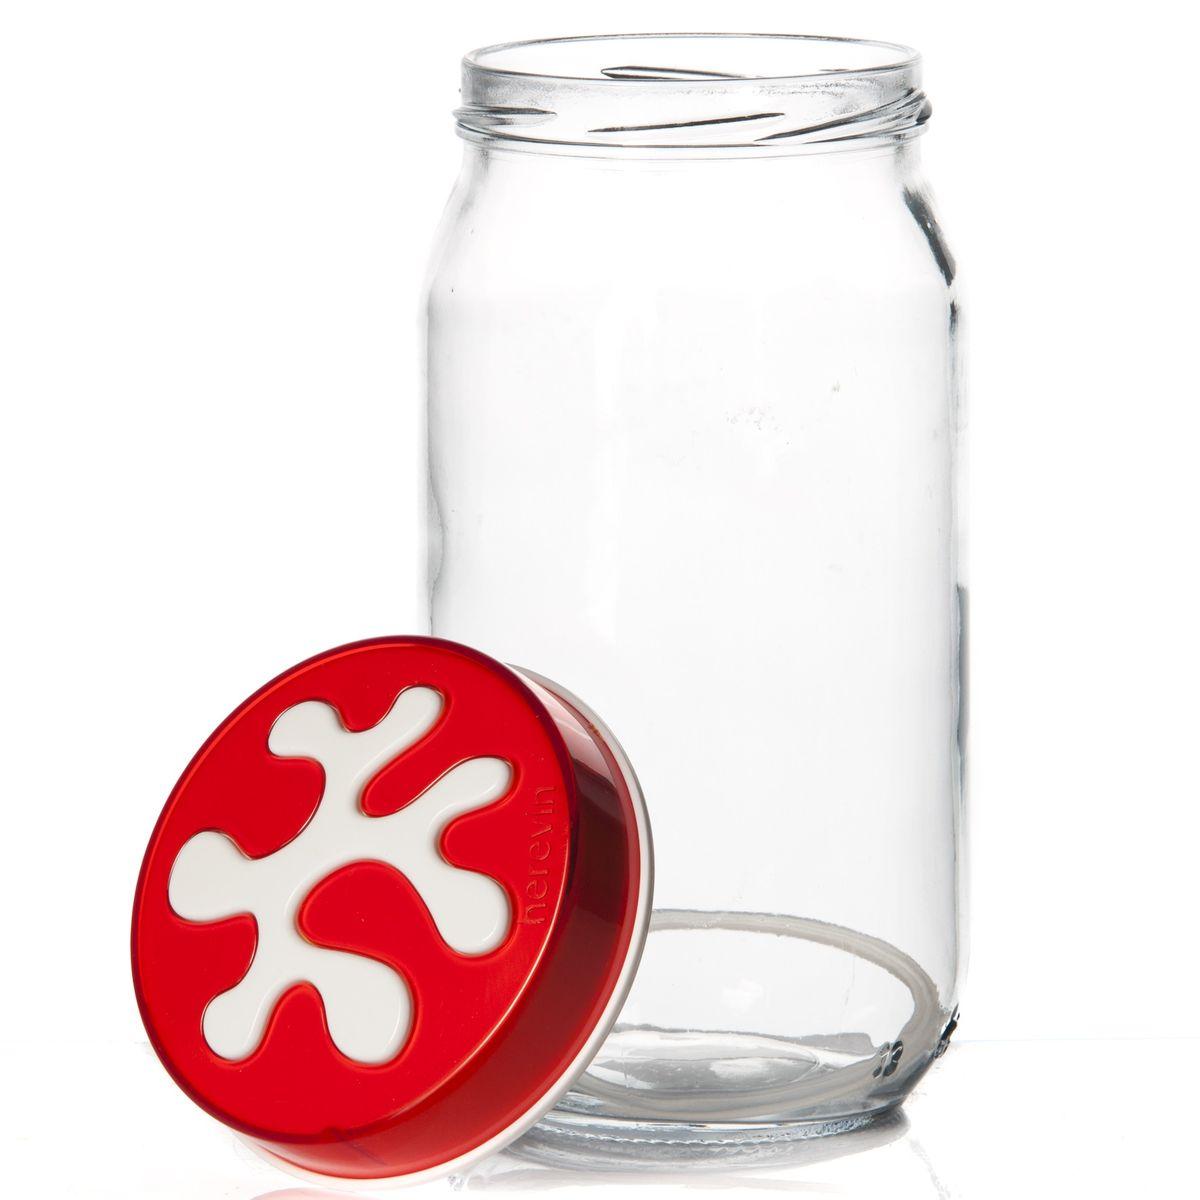 Банка для сыпучих продуктов Herevin, цвет: прозрачный, красный, 1 л. 135377-007135377-007Банка для сыпучих продуктов Herevin изготовлена из прочного стекла и оснащена плотно закрывающейся пластиковой крышкой. Благодаря этому внутри сохраняется герметичность, и продукты дольше остаются свежими. Изделие предназначено для хранения различных сыпучих продуктов: круп, чая, сахара, орехов и другого. Функциональная и вместительная, такая банка станет незаменимым аксессуаром на любой кухне. Можно мыть в посудомоечной машине. Пластиковые части рекомендуется мыть вручную. Объем: 1 л. Диаметр (по верхнему краю): 7,5 см. Высота банки (без учета крышки): 18 см.